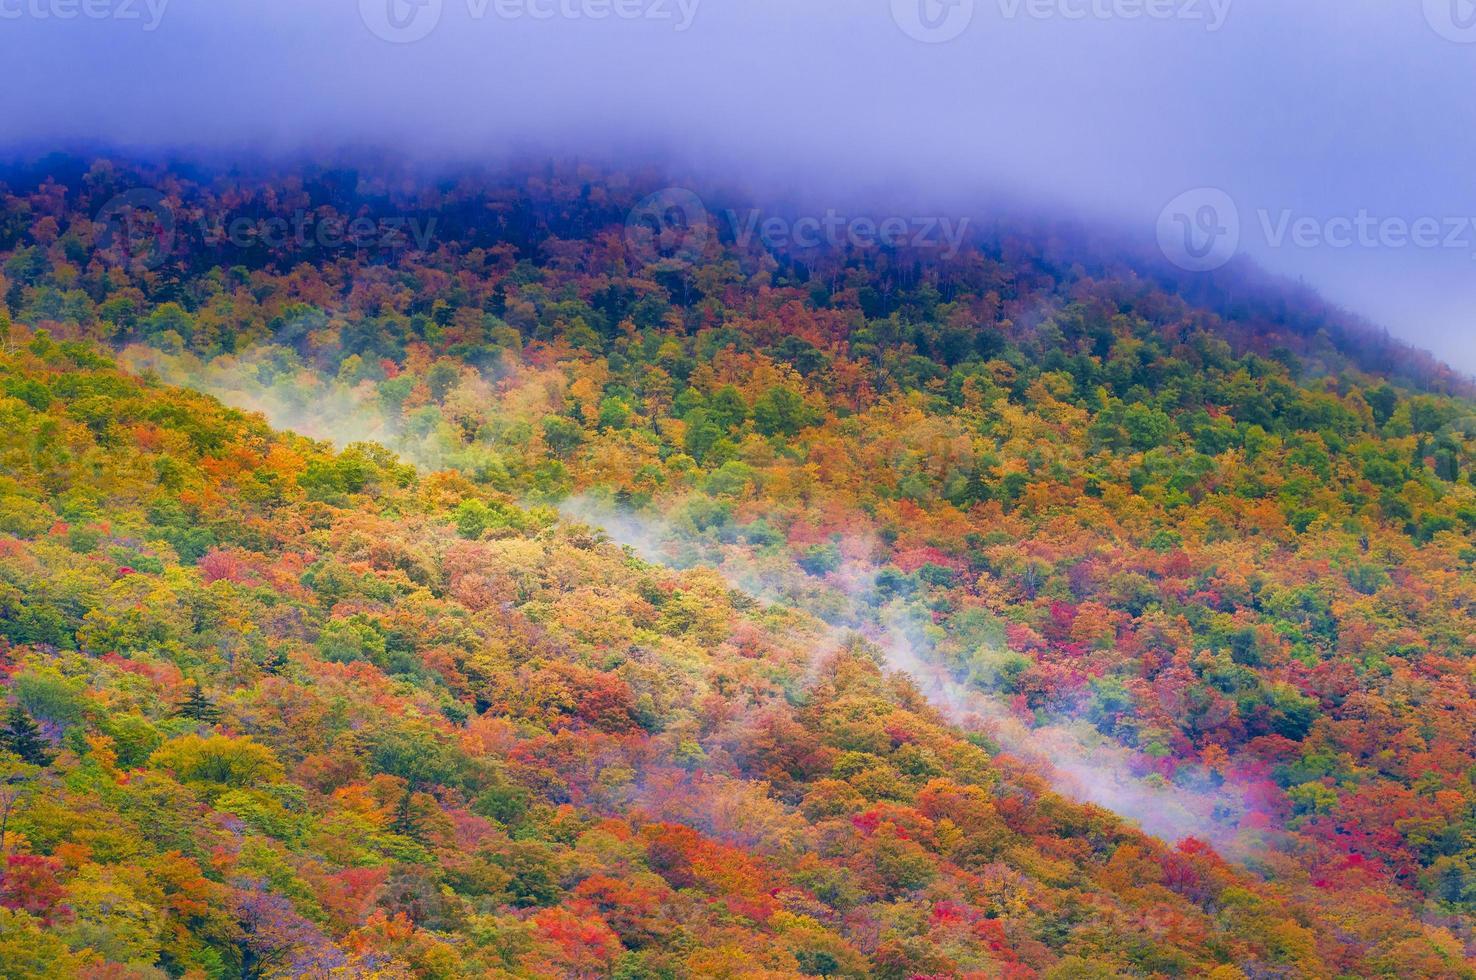 herfst gekleurde bomen. foto